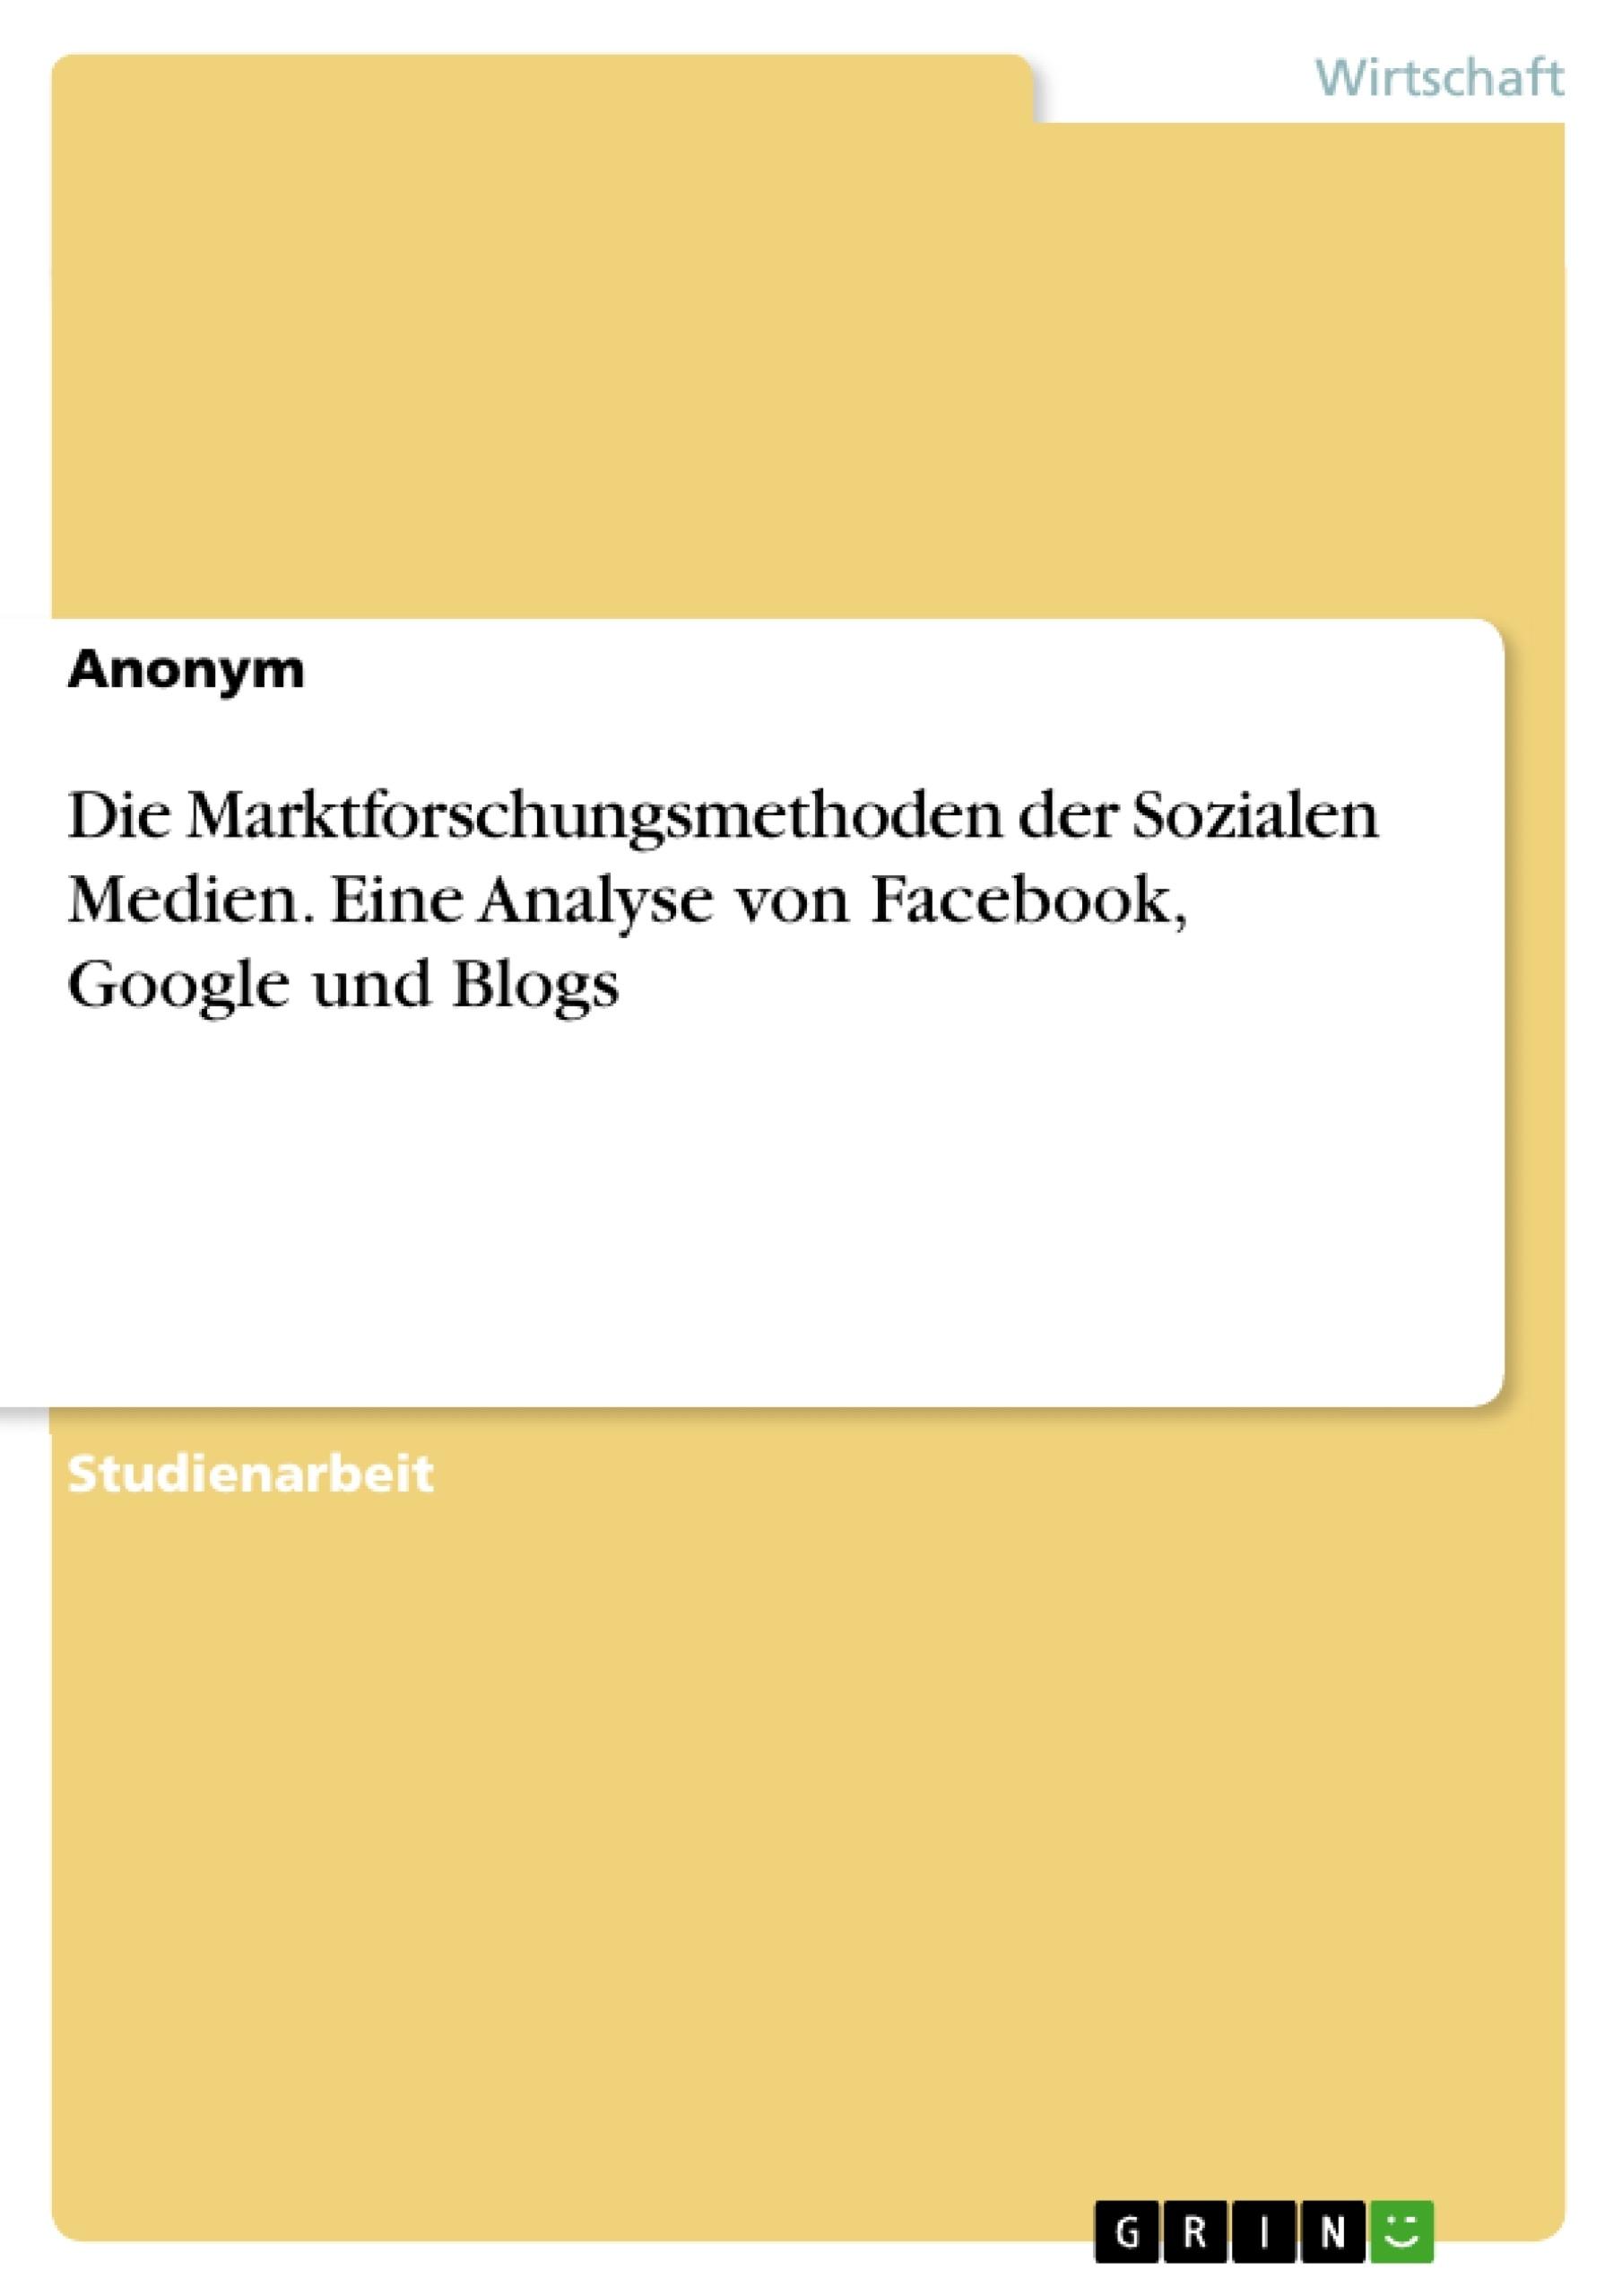 Titel: Die Marktforschungsmethoden der Sozialen Medien. Eine Analyse von Facebook, Google und Blogs